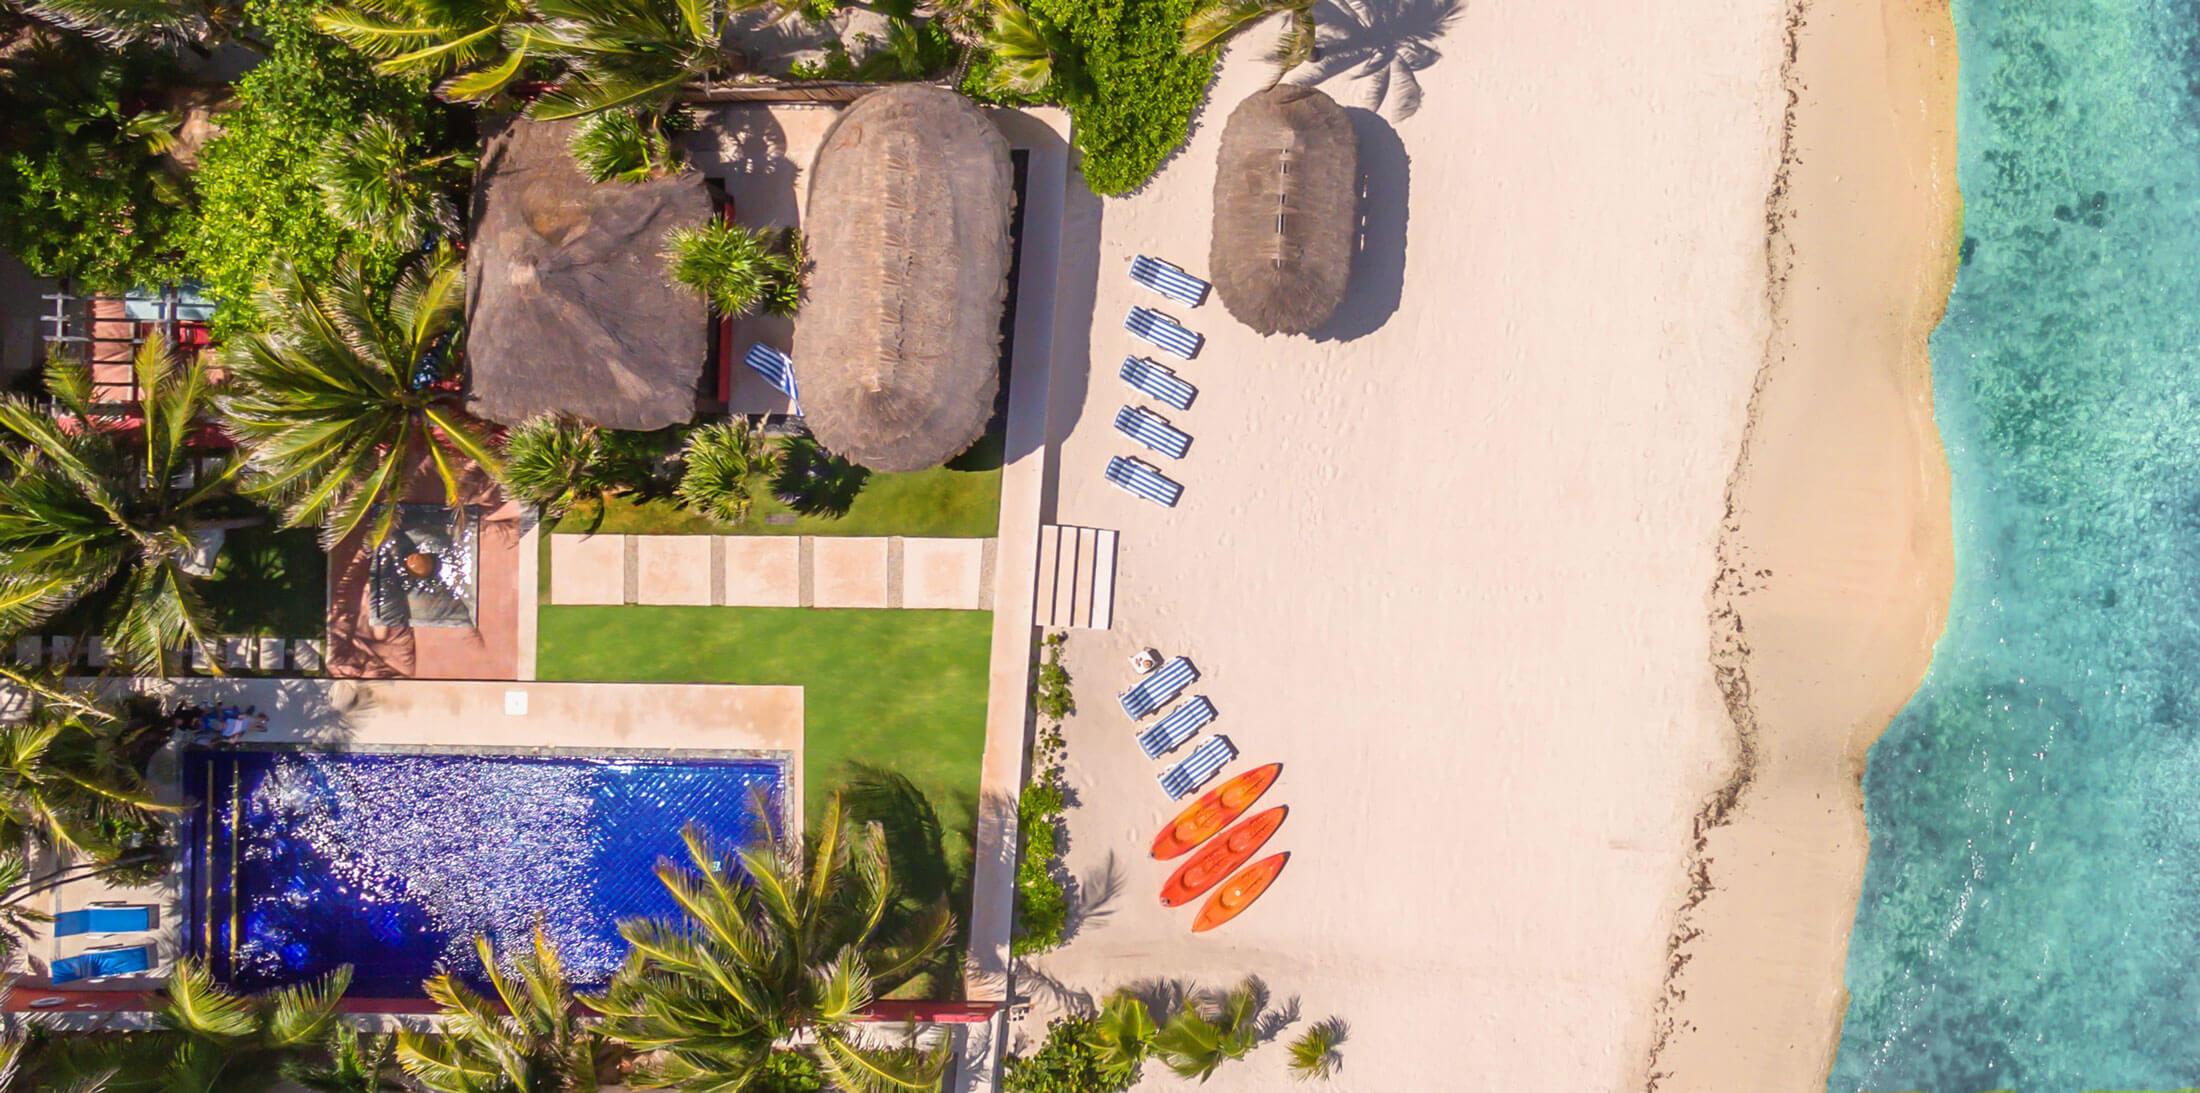 Maya_Luxe_Riviera_Maya_Luxury_Villas_Experiences_Soliman_Bay_6_Bedrooms_Casa_Buena_Suerte_1-1.jpg